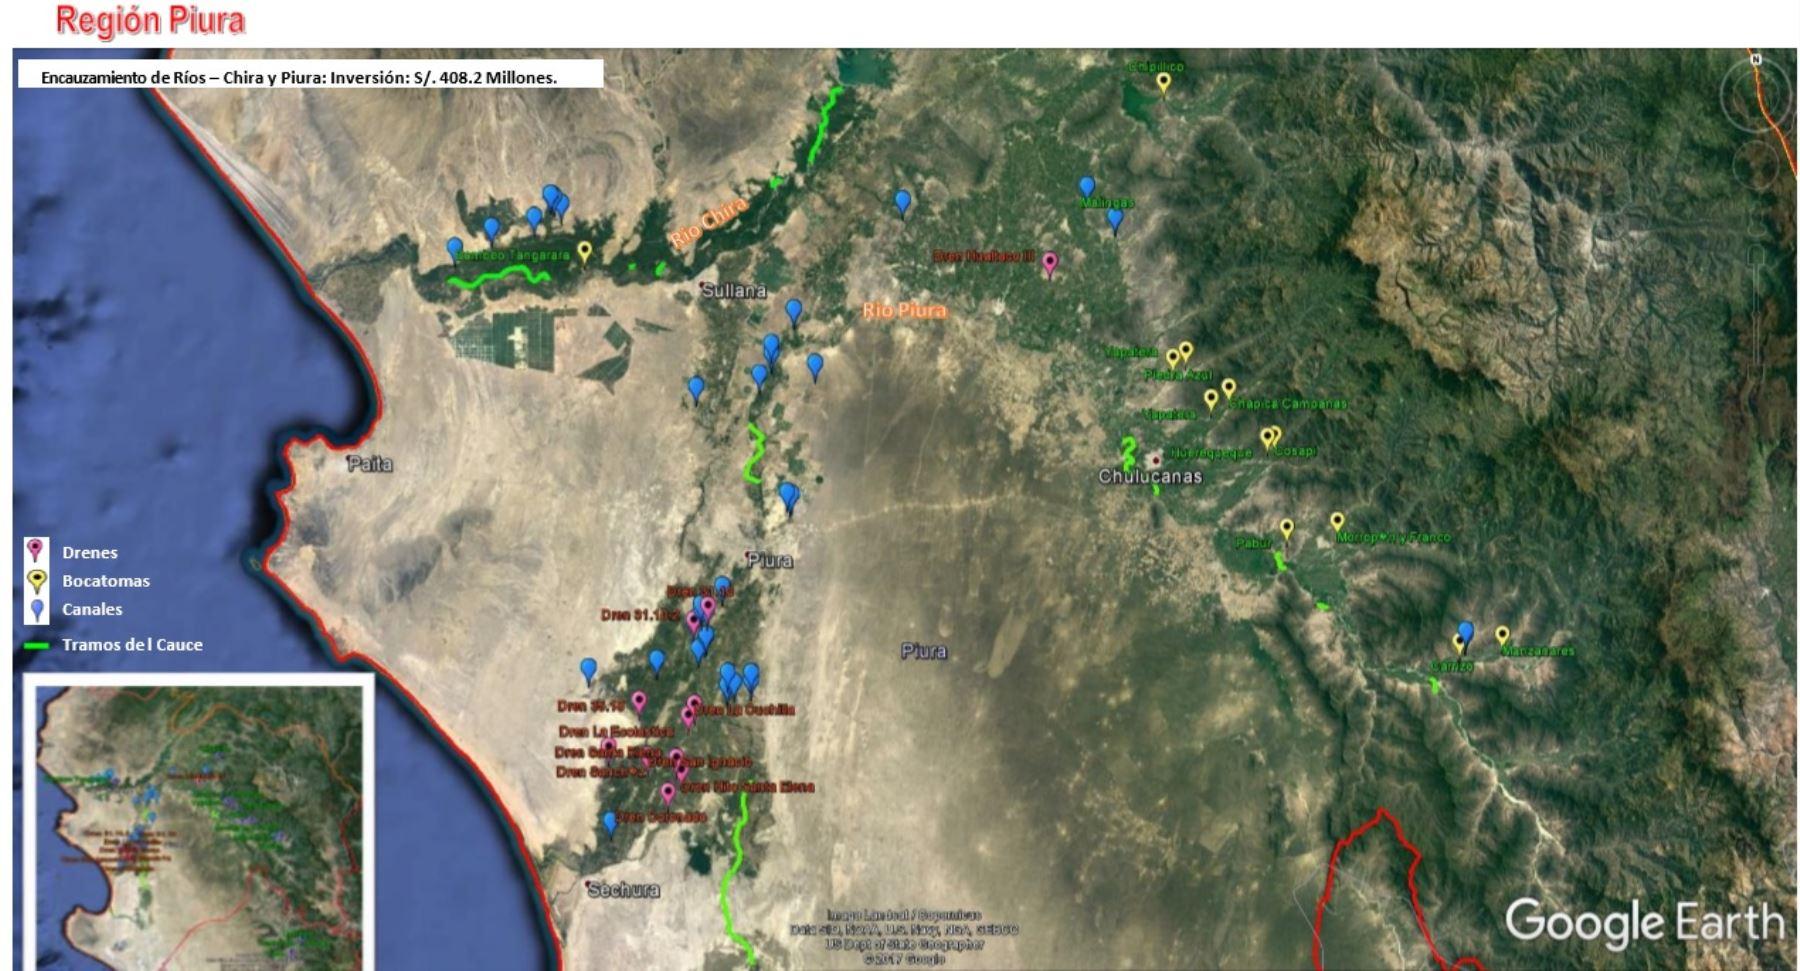 Obras de prevención en la región Piura comprenden encauzamiento de ríos Chira y Piura, con una inversión de 482 millones de soles, informó el Ministerio de Agricultura y Riego.